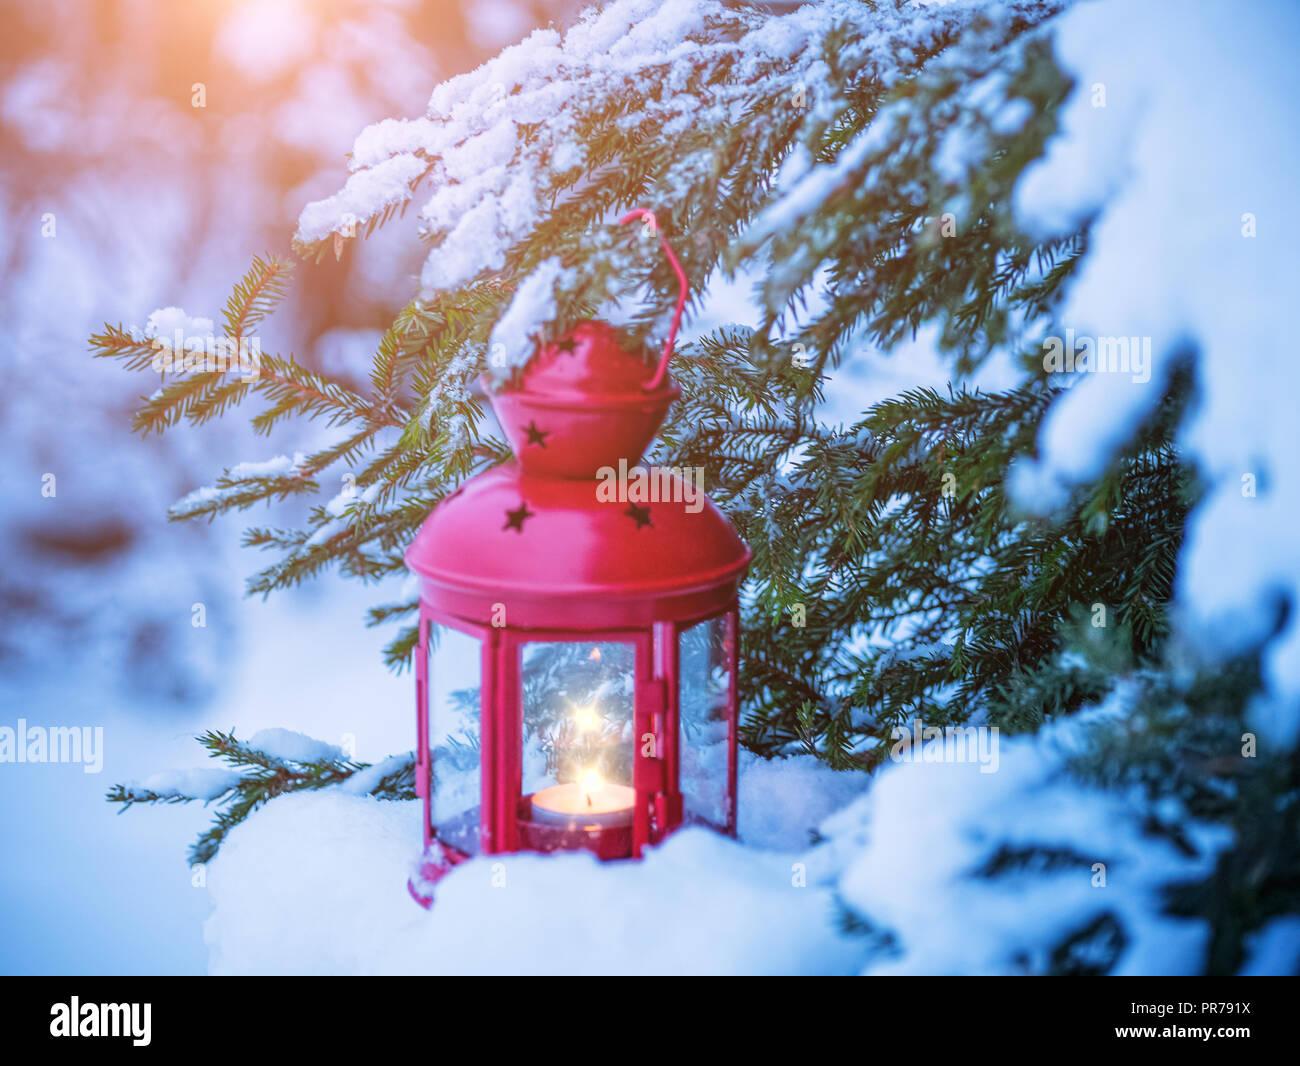 Foto Con La Neve Di Natale.Lanterna Di Natale Su Rami Di Abete Con La Neve Foto Stock Alamy